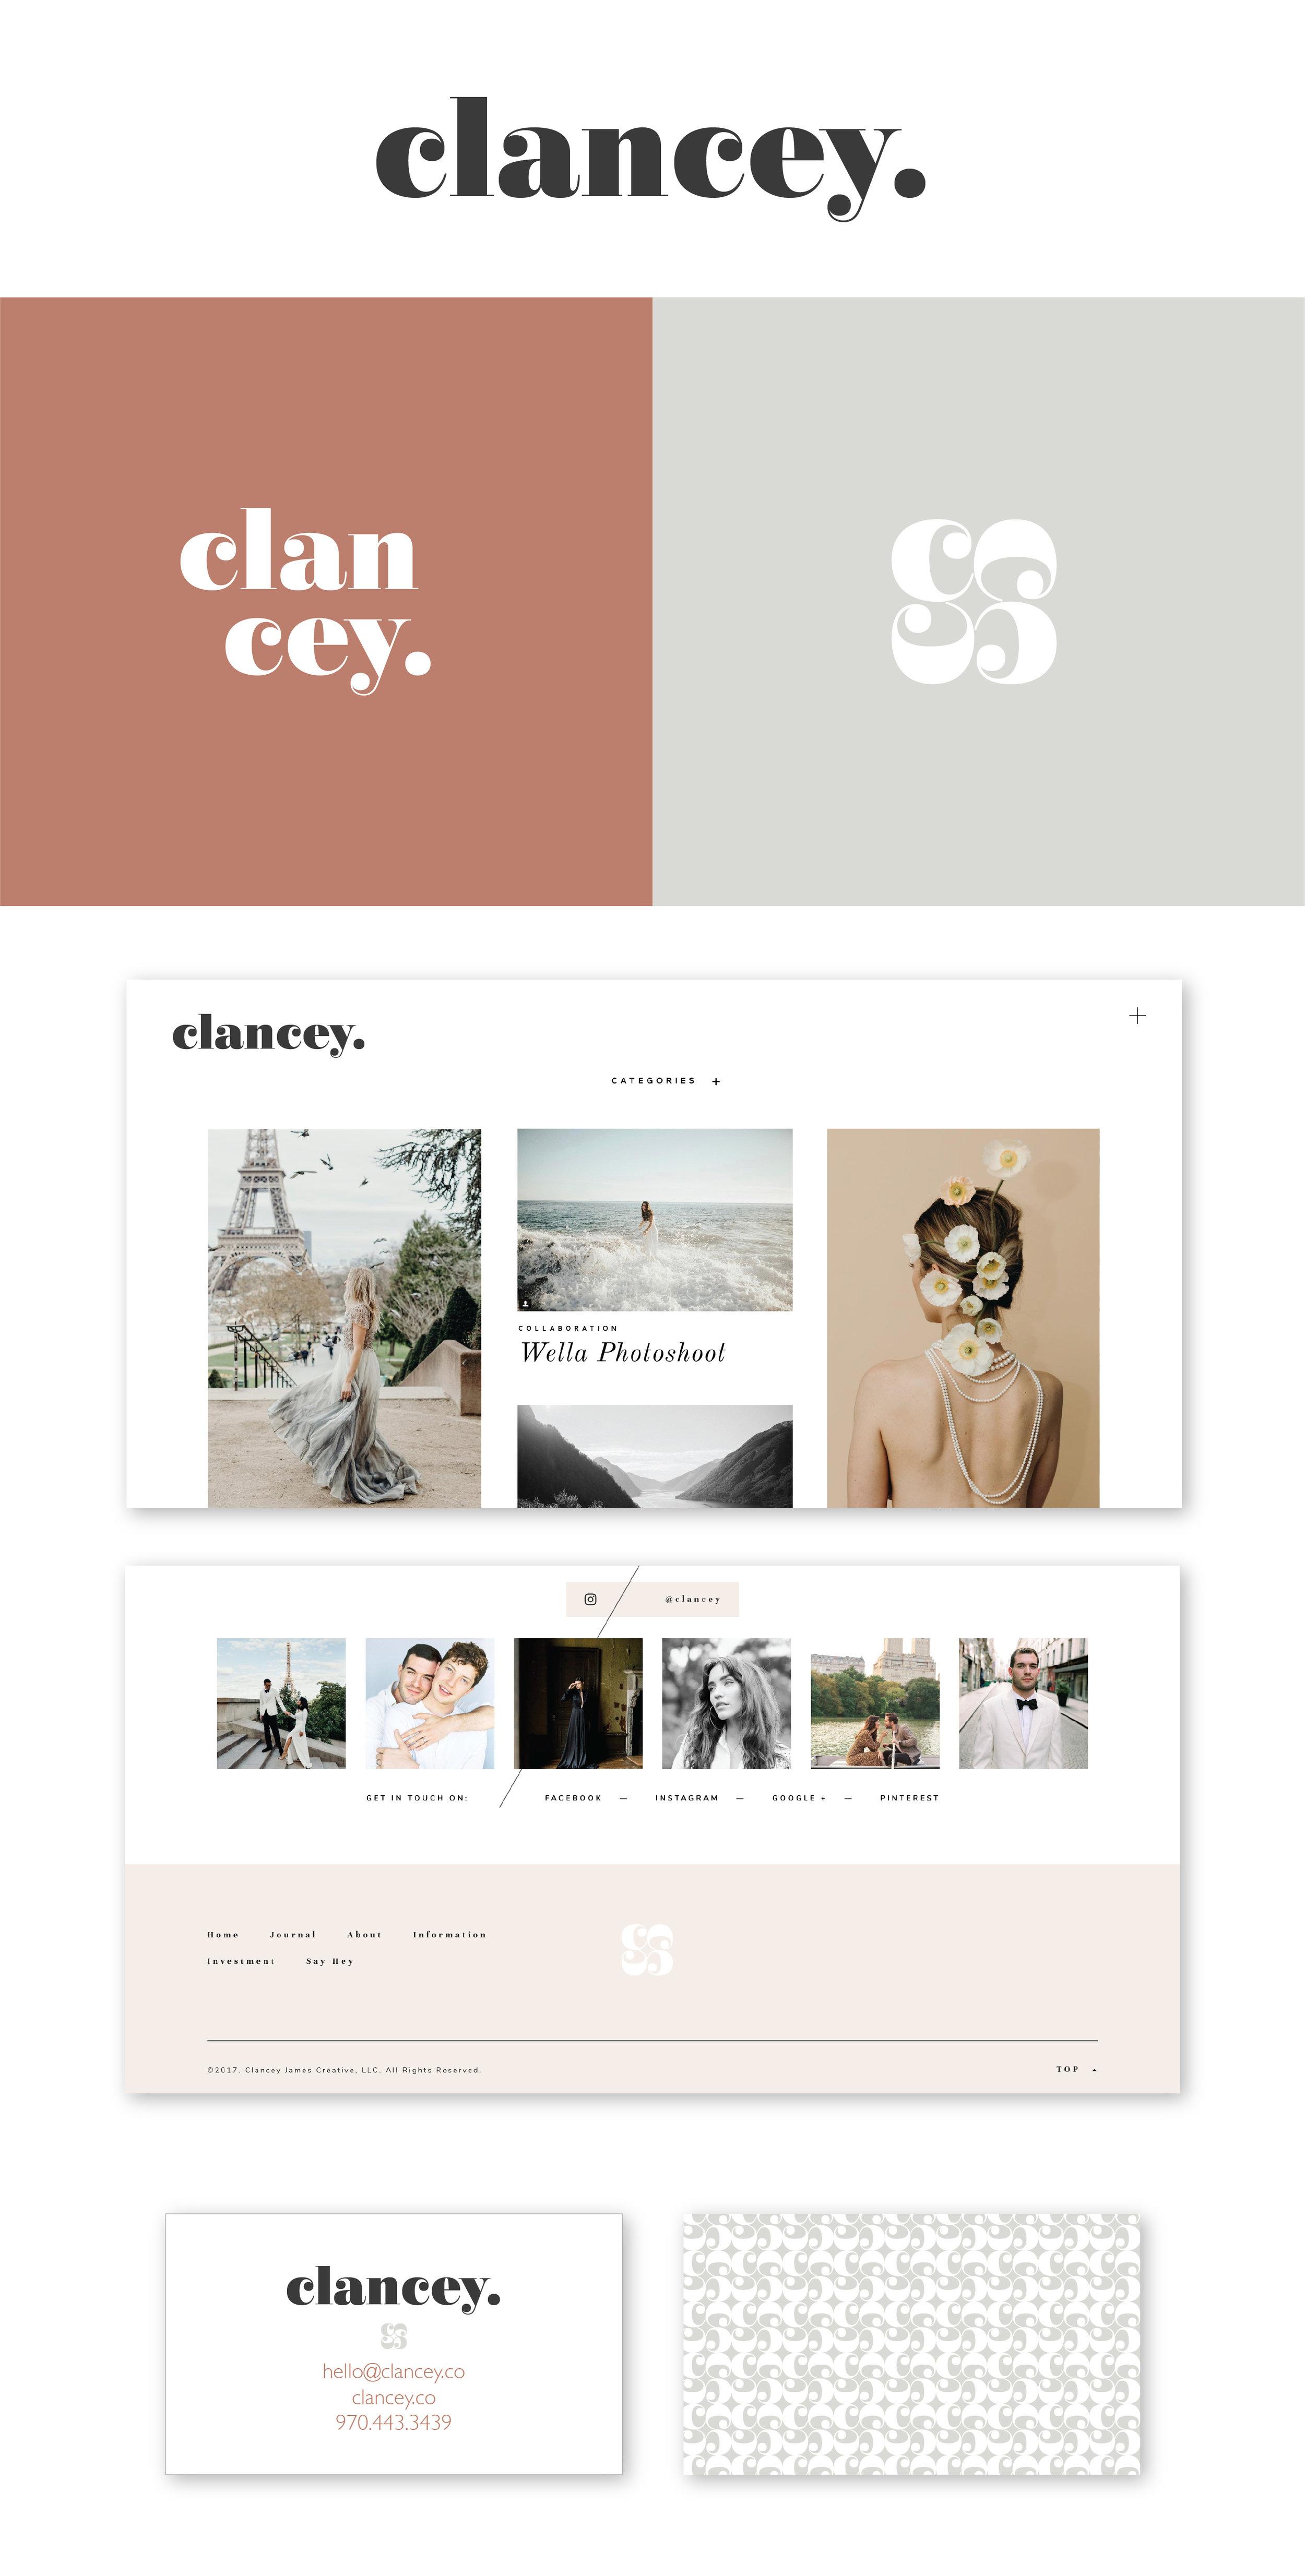 Clancey_concepts-02.jpg